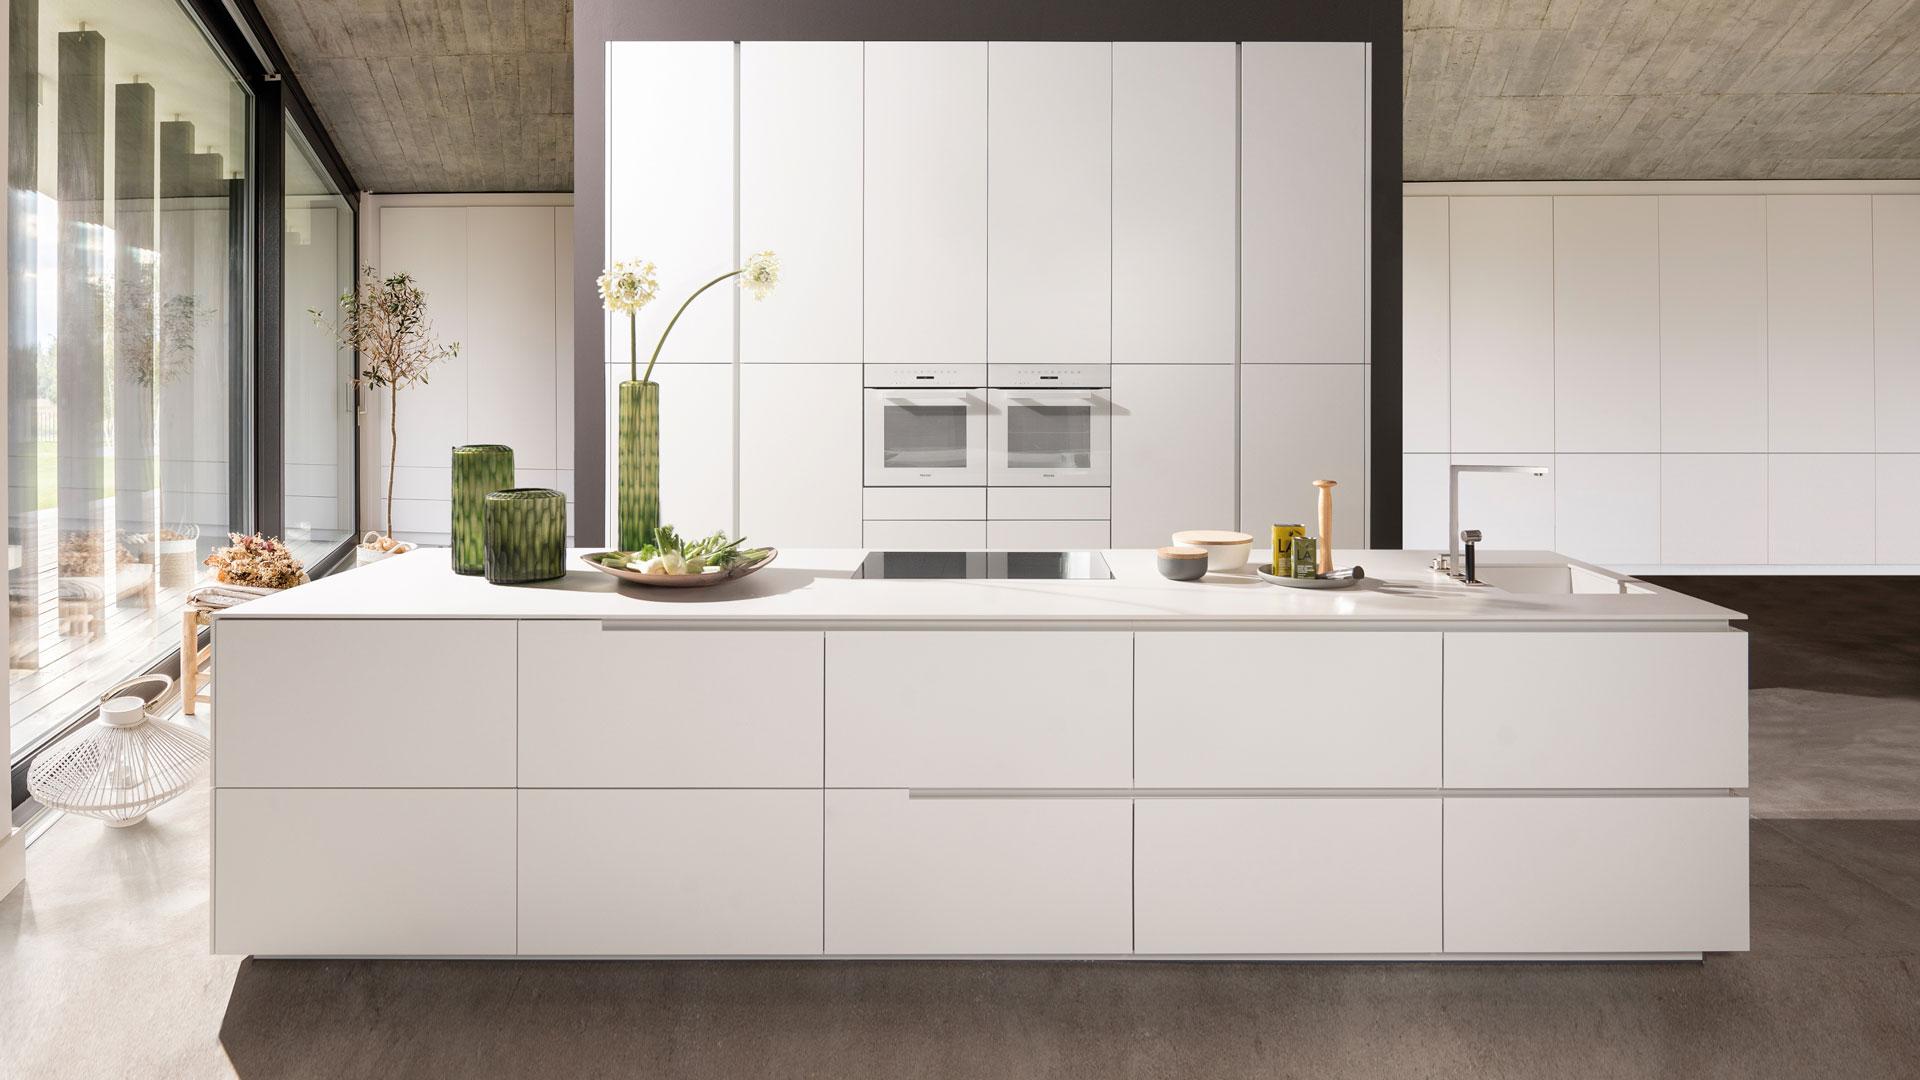 Warendorf Designküche - Weiß Keramik | Miele Center Bauer Wien